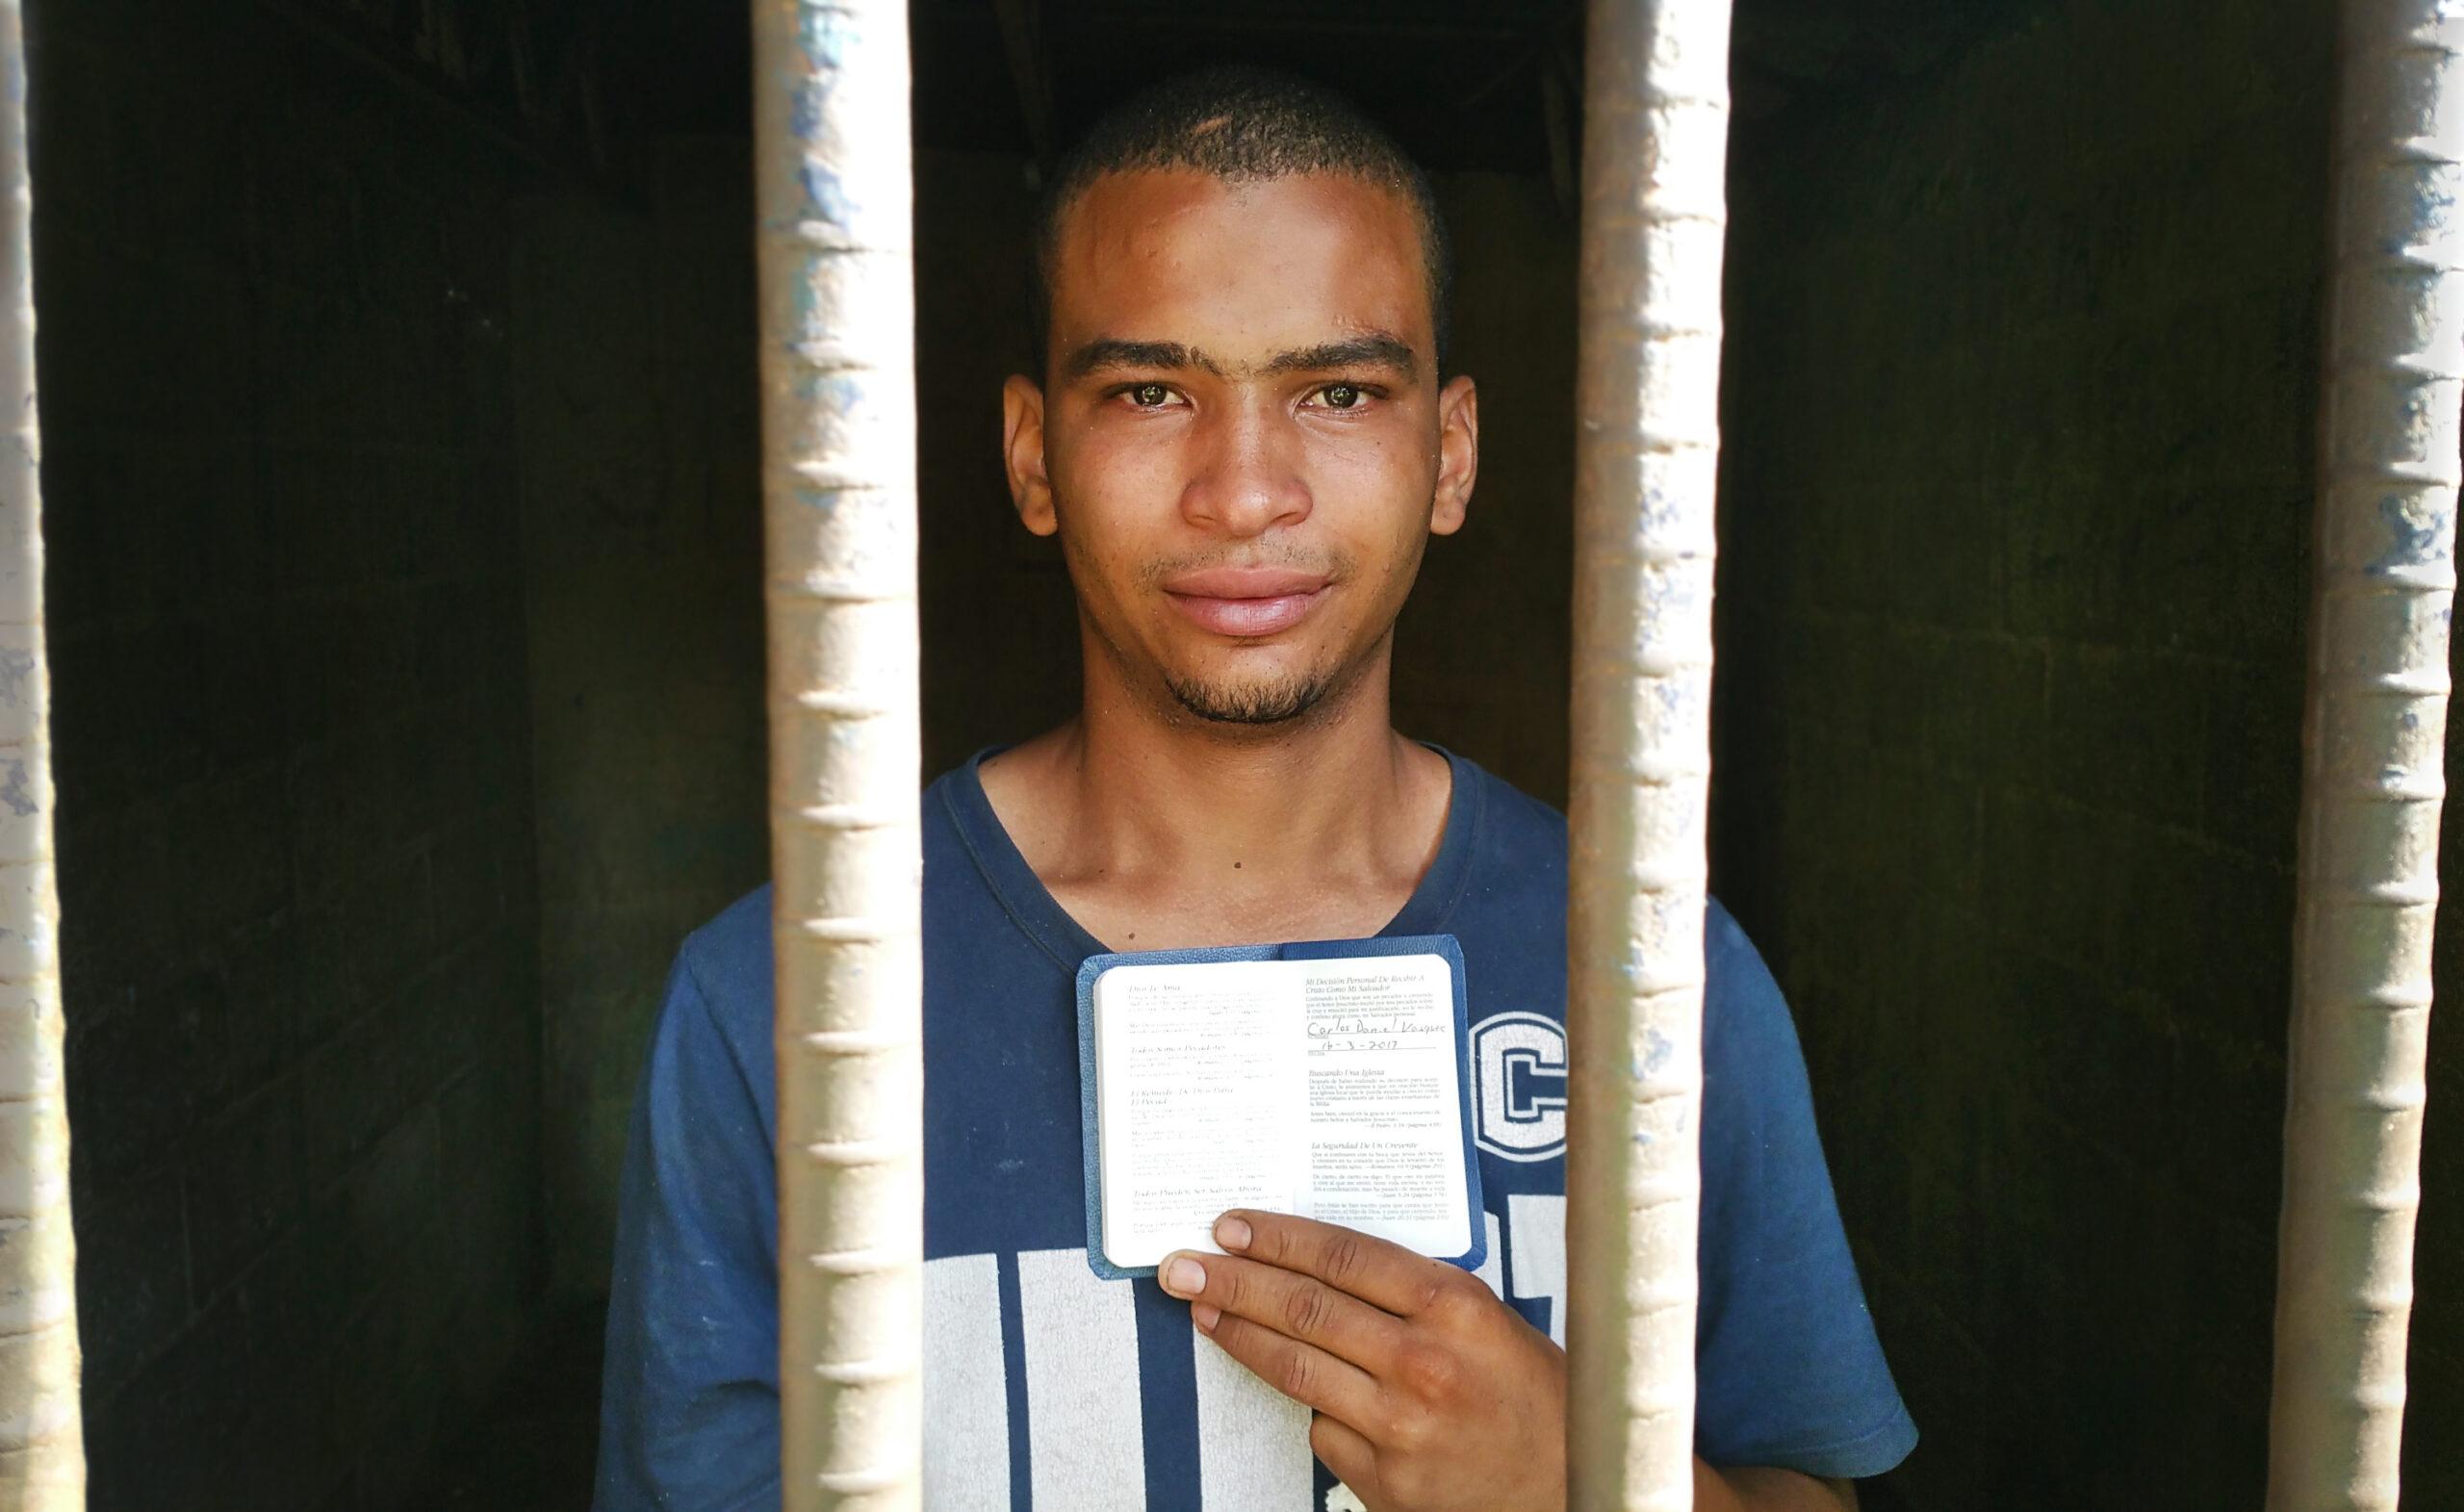 Carlos Daniel Vasquez